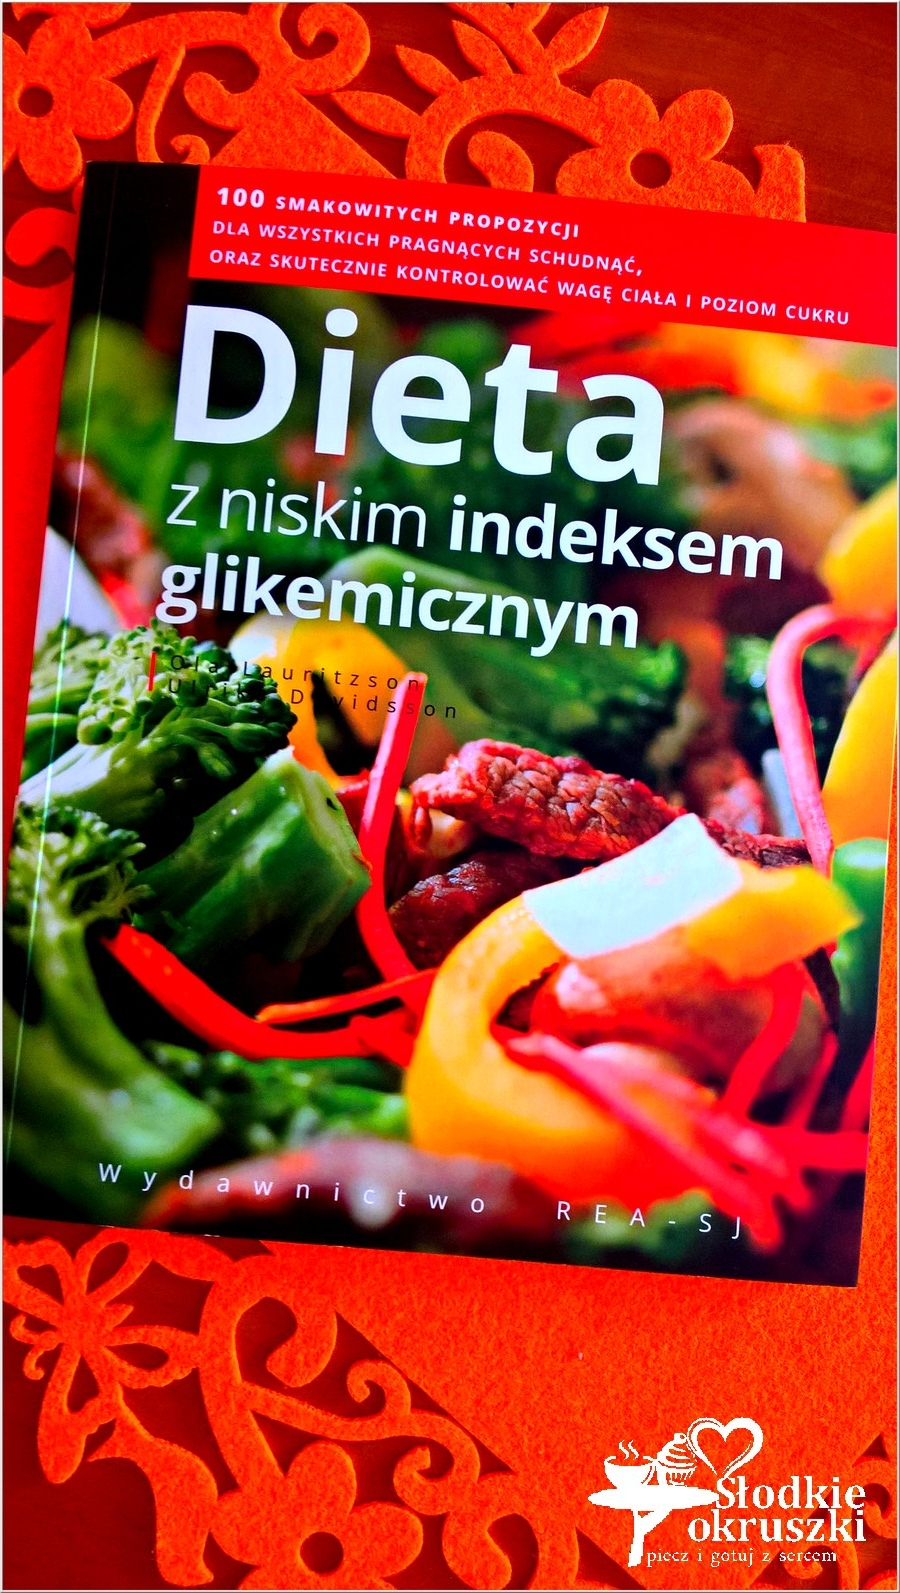 Dieta Z Niskim Indeksem Glikemicznym Recenzja Ksiazki Slodkie